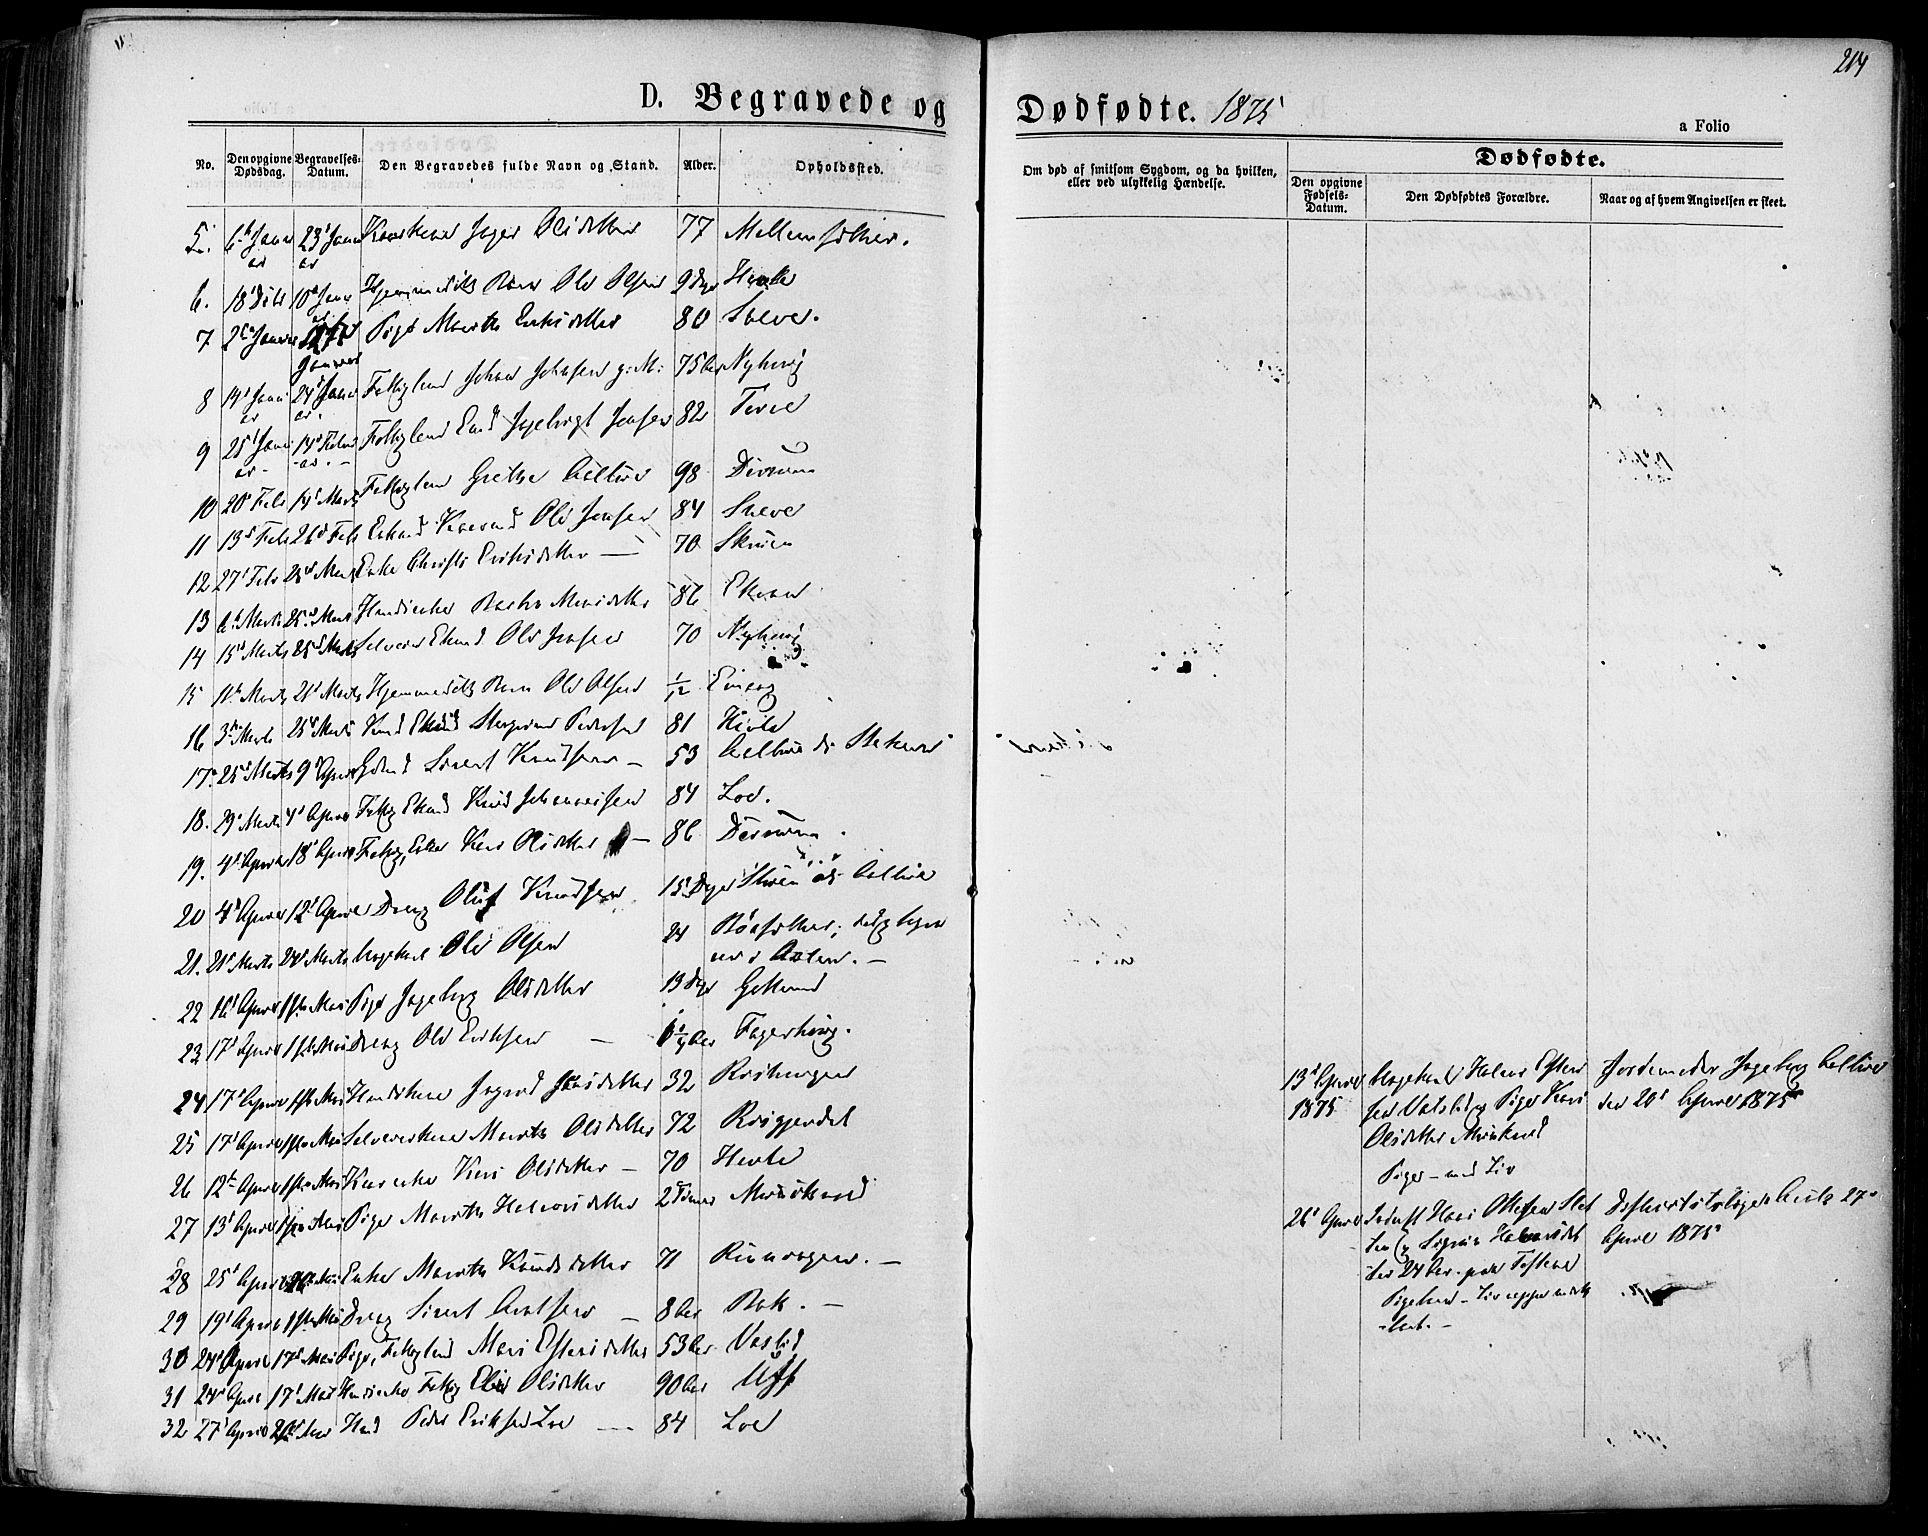 SAT, Ministerialprotokoller, klokkerbøker og fødselsregistre - Sør-Trøndelag, 678/L0900: Ministerialbok nr. 678A09, 1872-1881, s. 214